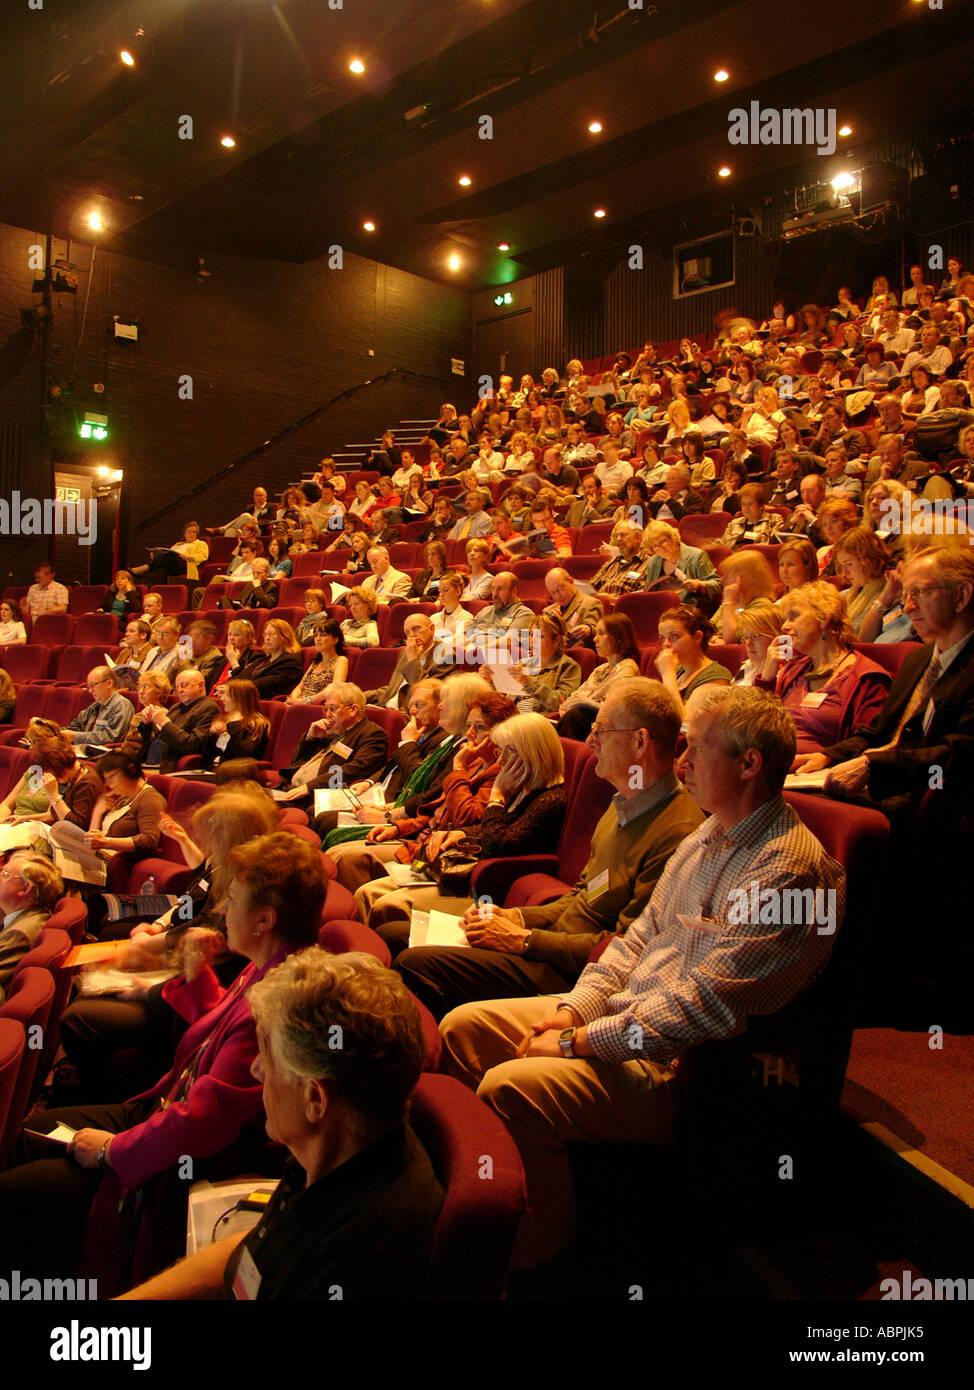 Das Theater im Aberystwyth Arts Centre - voller Leute im Publikum für eine Aufführung von einer Spiel-Drama-Tanzveranstaltung Stockbild